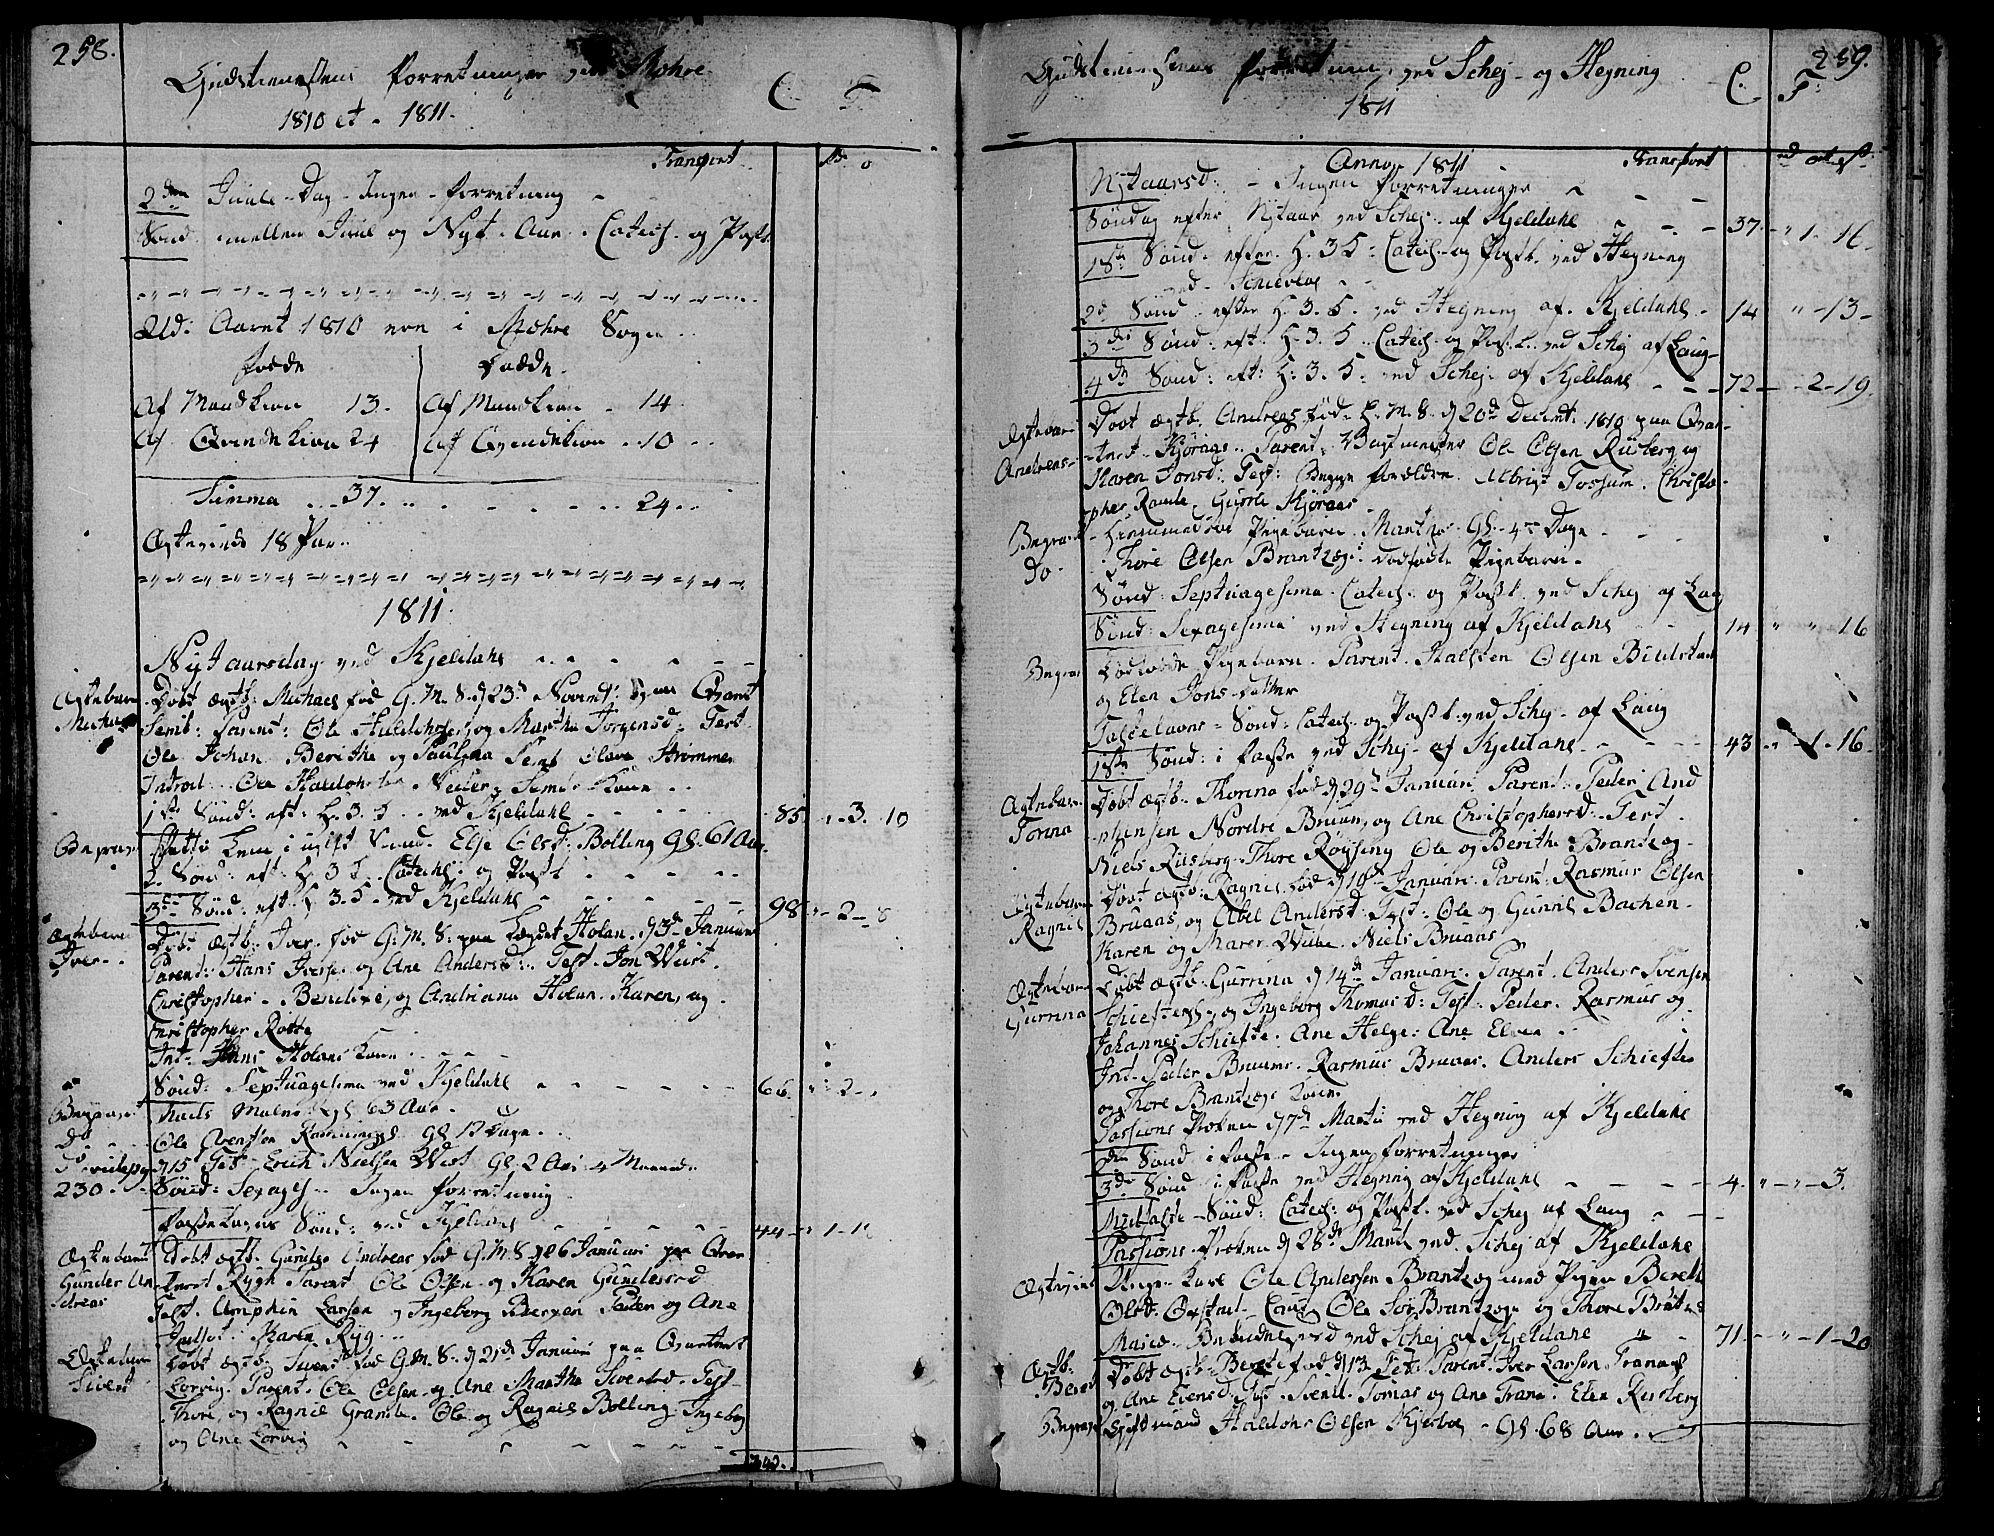 SAT, Ministerialprotokoller, klokkerbøker og fødselsregistre - Nord-Trøndelag, 735/L0332: Ministerialbok nr. 735A03, 1795-1816, s. 258-259